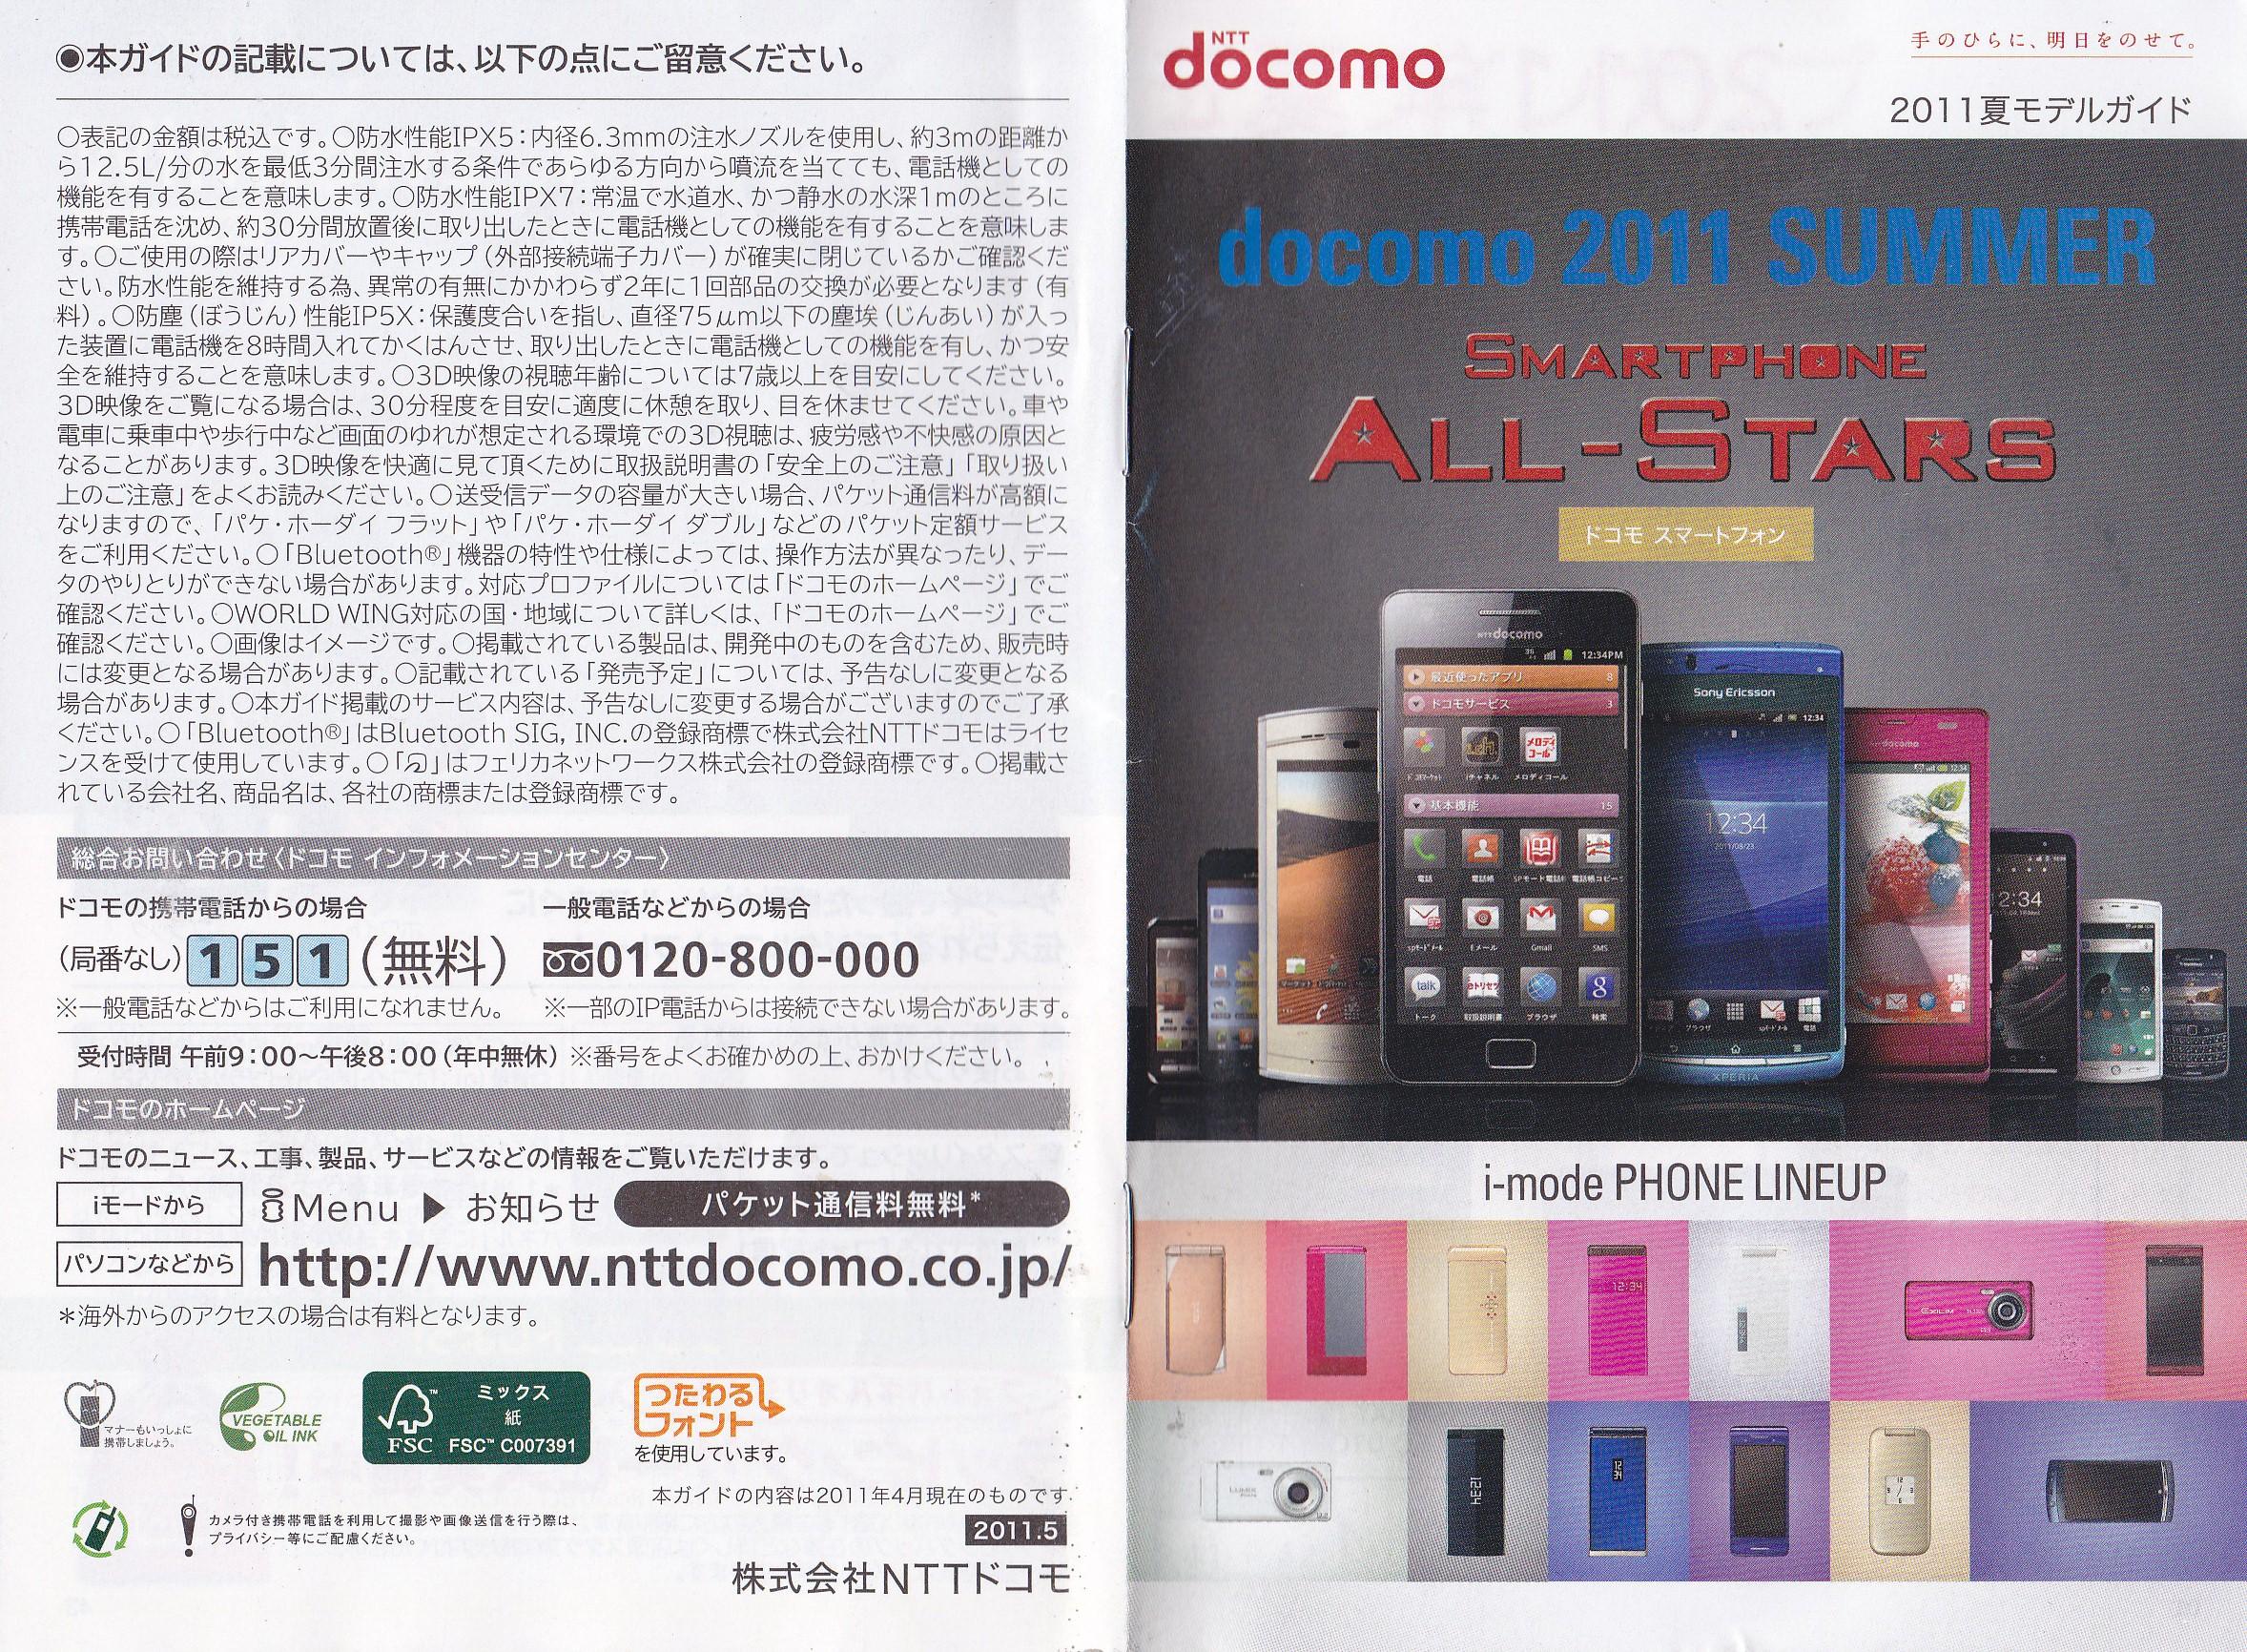 NTTドコモ夏モデルスマートフォンパンフレット1